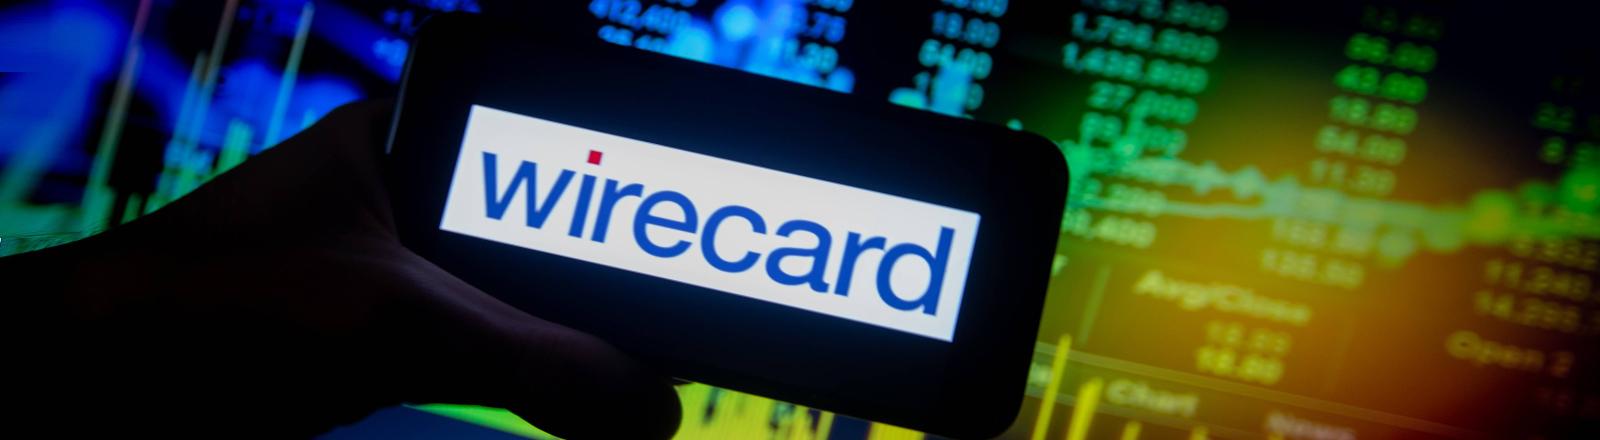 Wirecard Firmenlogo auf Smartphone